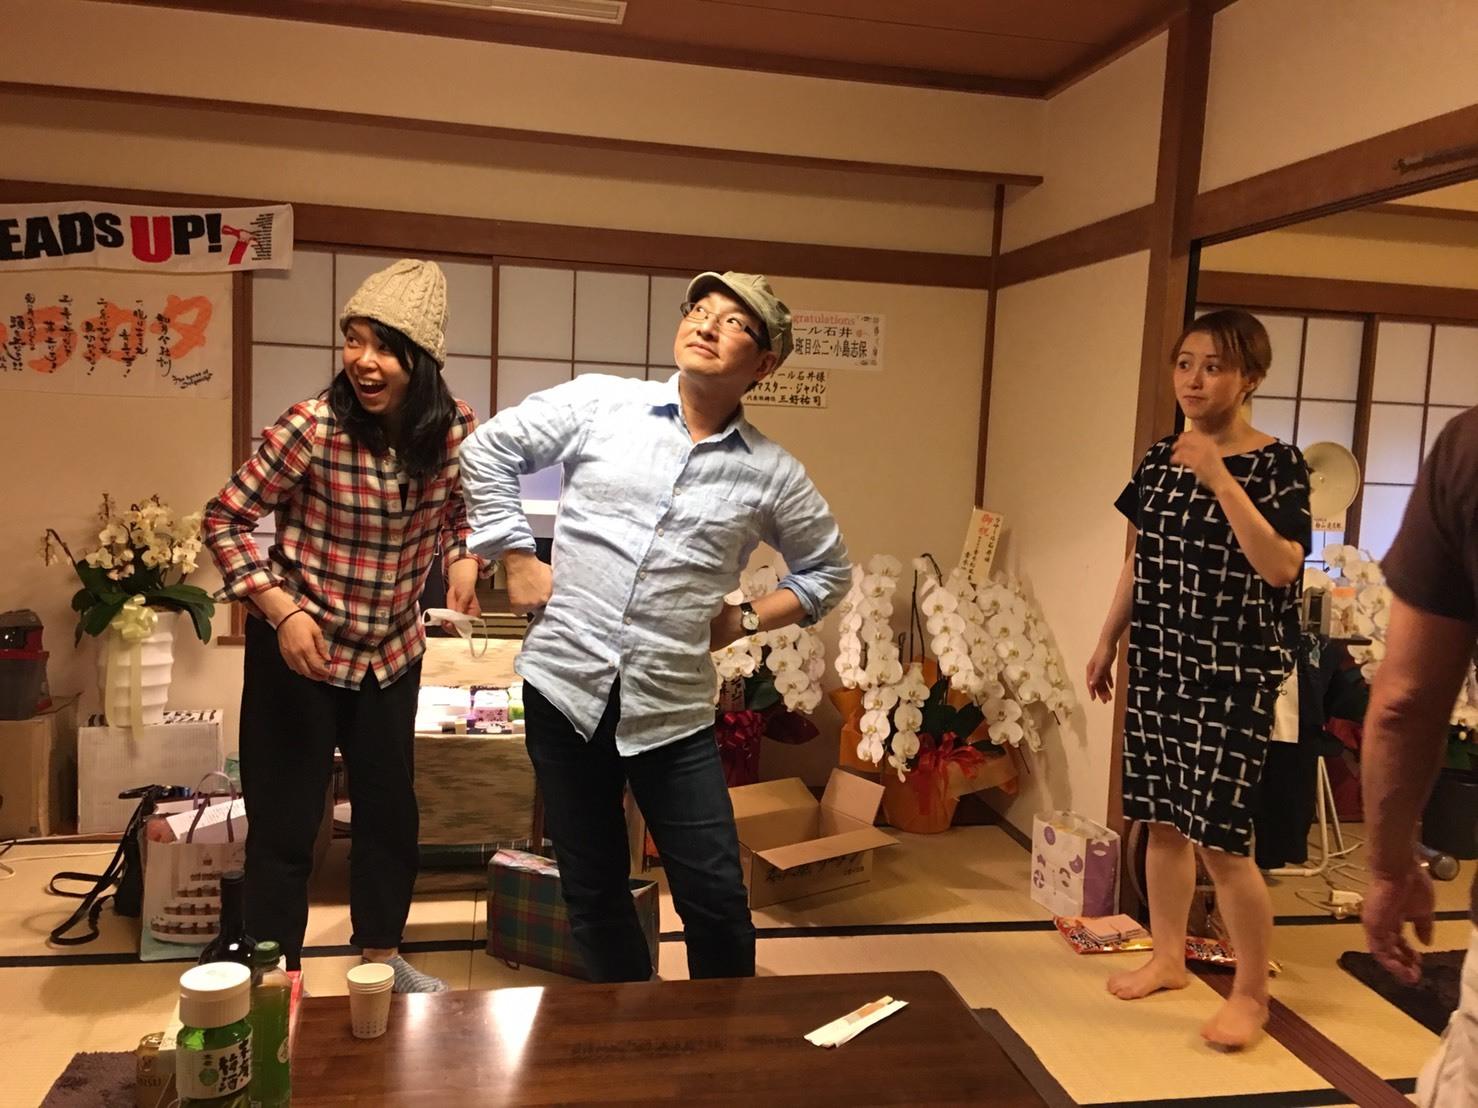 家族で楽しめる熱海五郎一座_a0163623_02361798.jpg